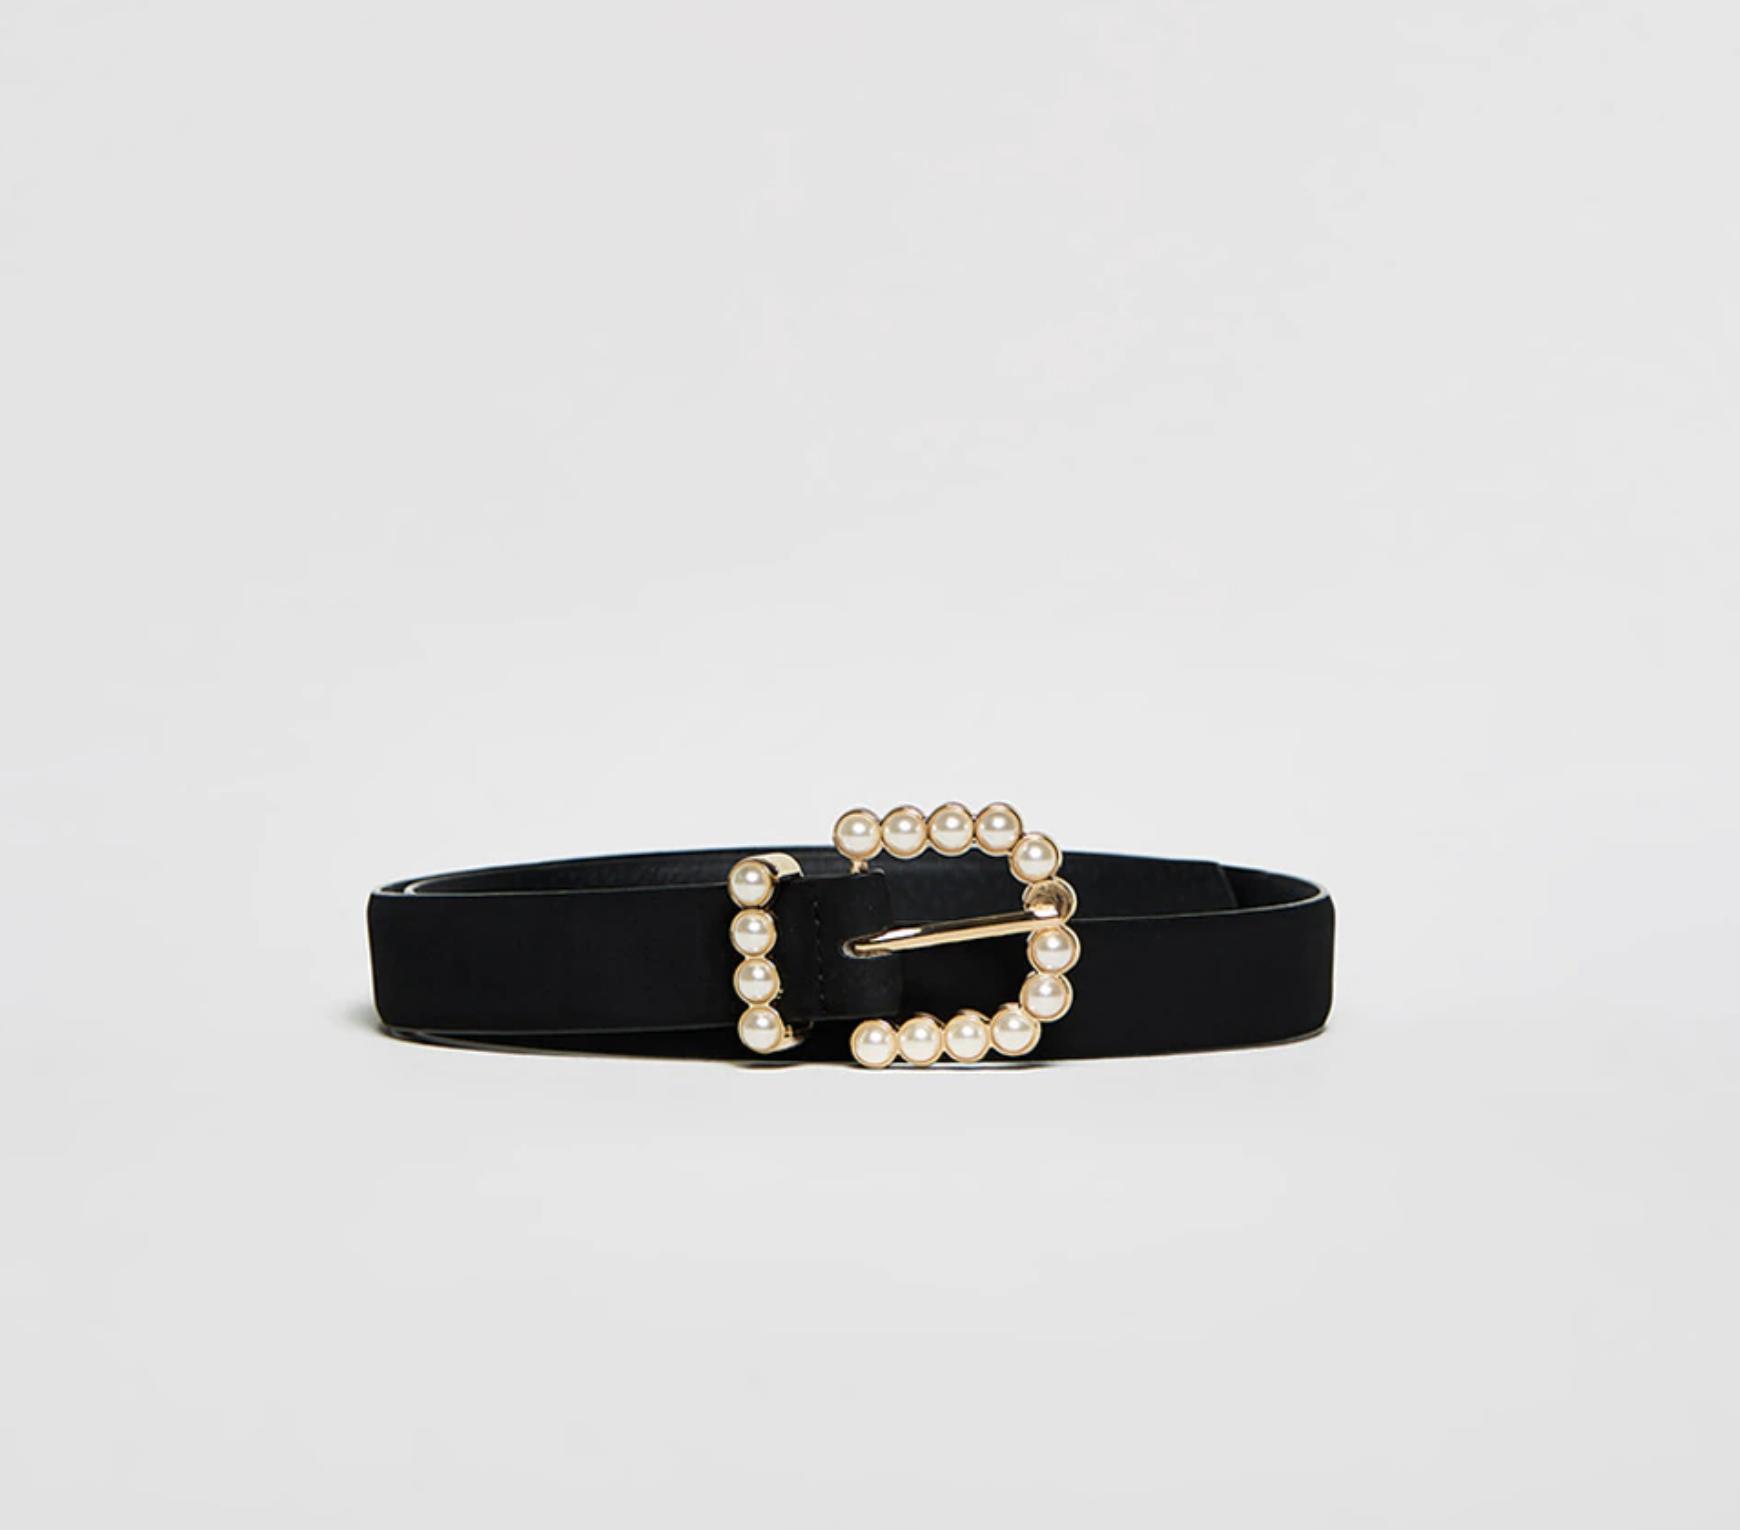 Cinturón hebilla perlas